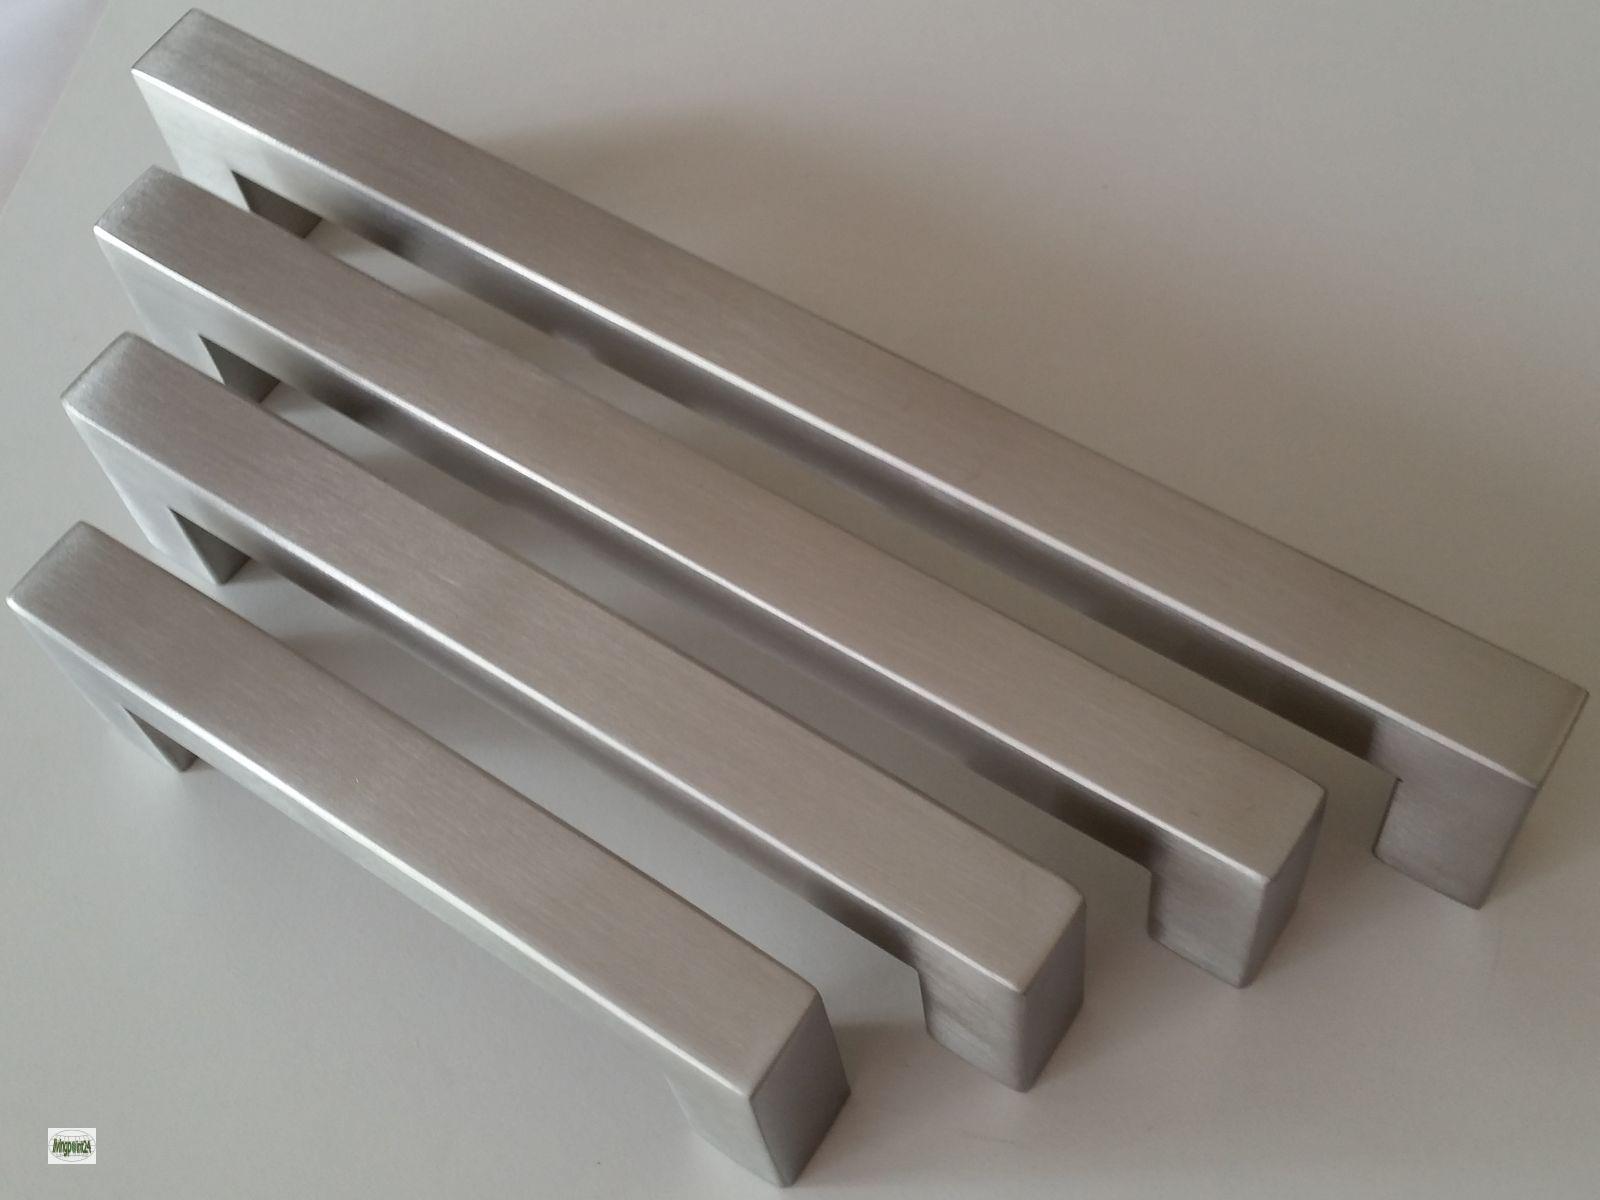 Cucina maniglie ba 96 128 160 192mm per mobili 14x14mm - Maniglie cucina acciaio ...